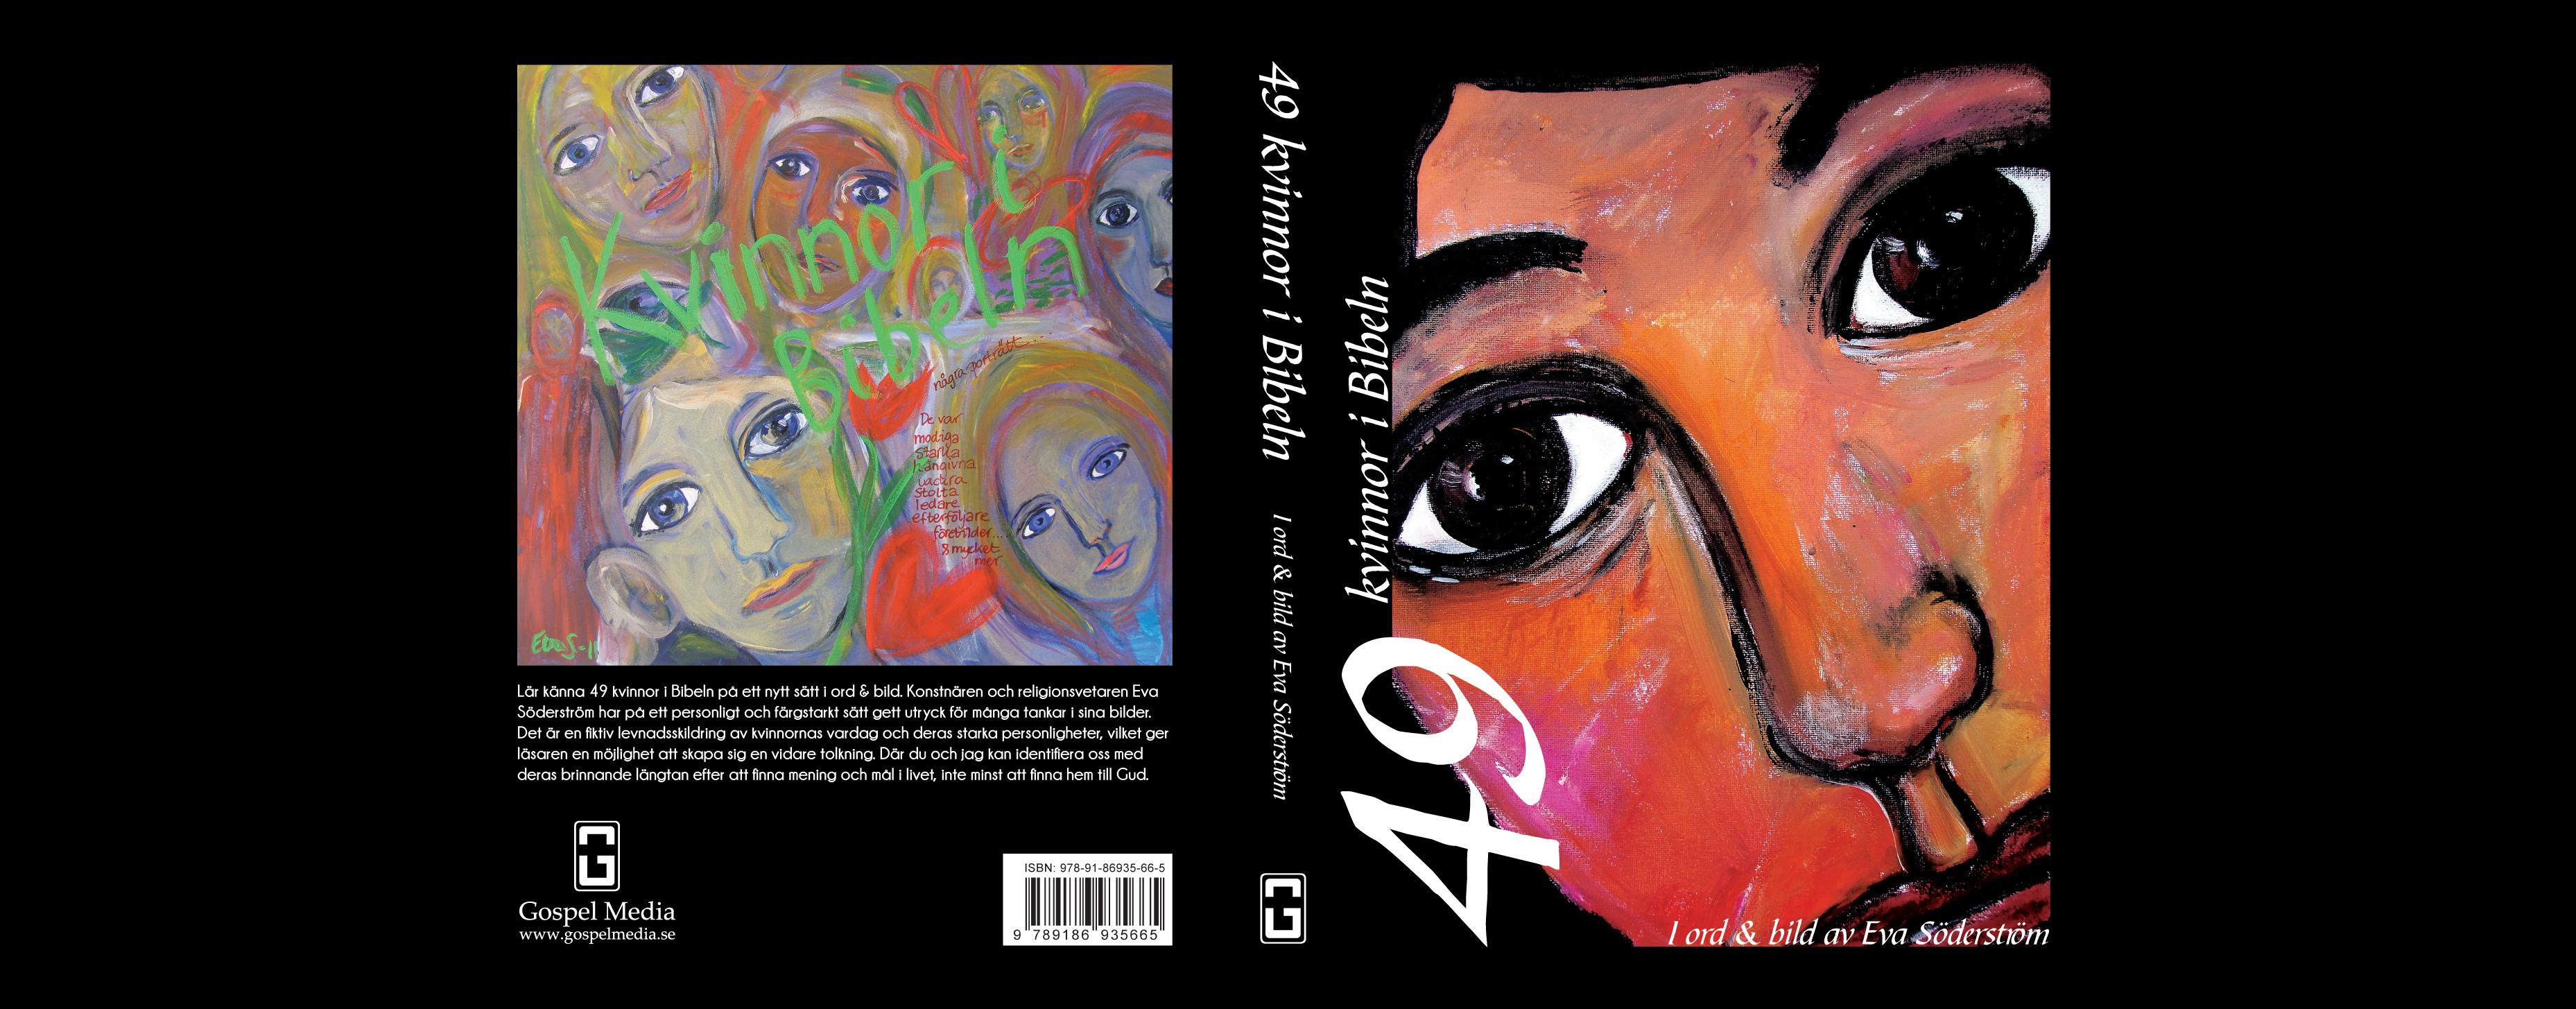 http://evainspirationart.se/webshop/wp-content/uploads/Kvinnor-i-Bibeln-Omslaget1.jpg